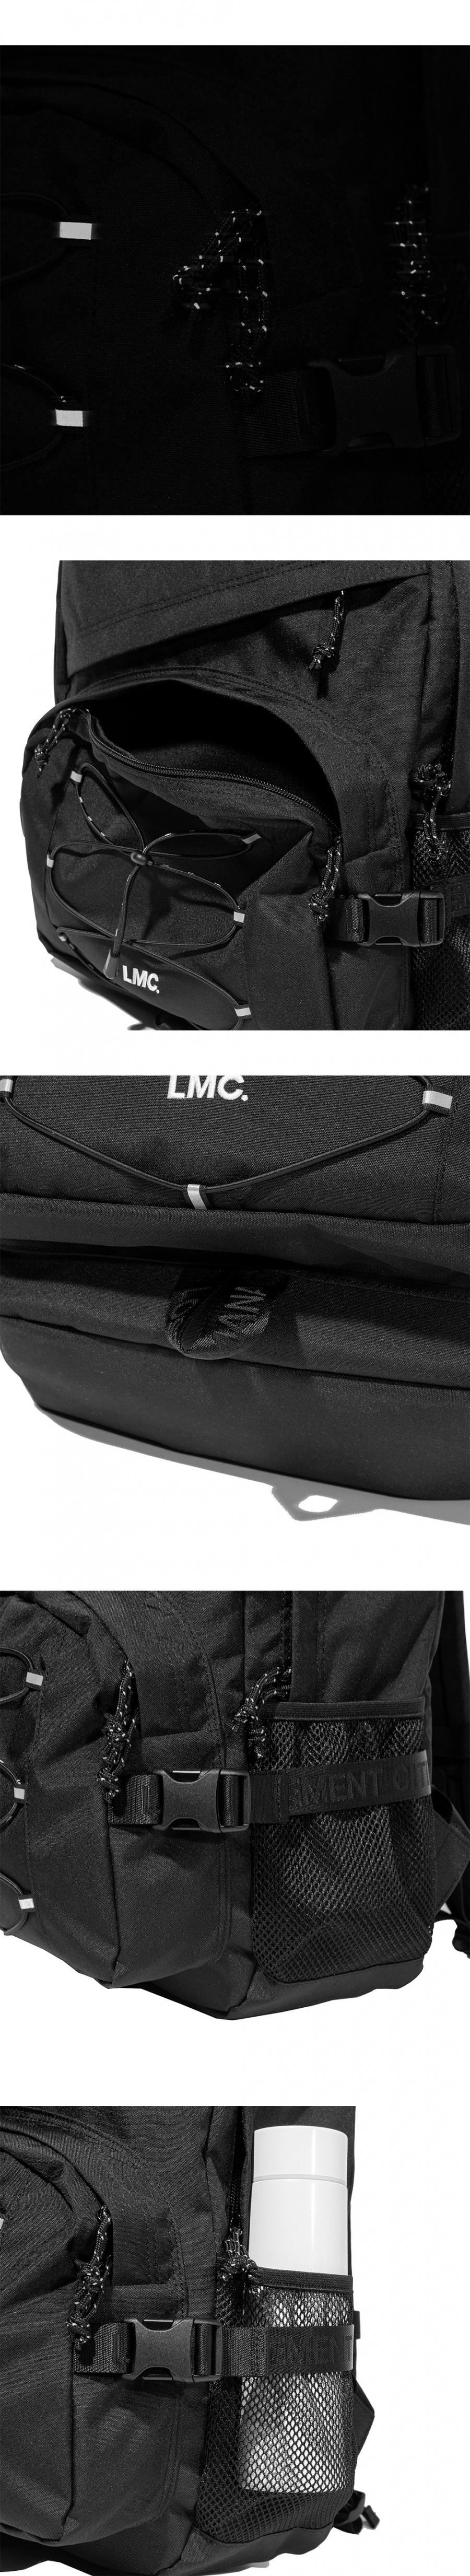 엘엠씨(LMC) LMC TECHNICAL BACKPACK black